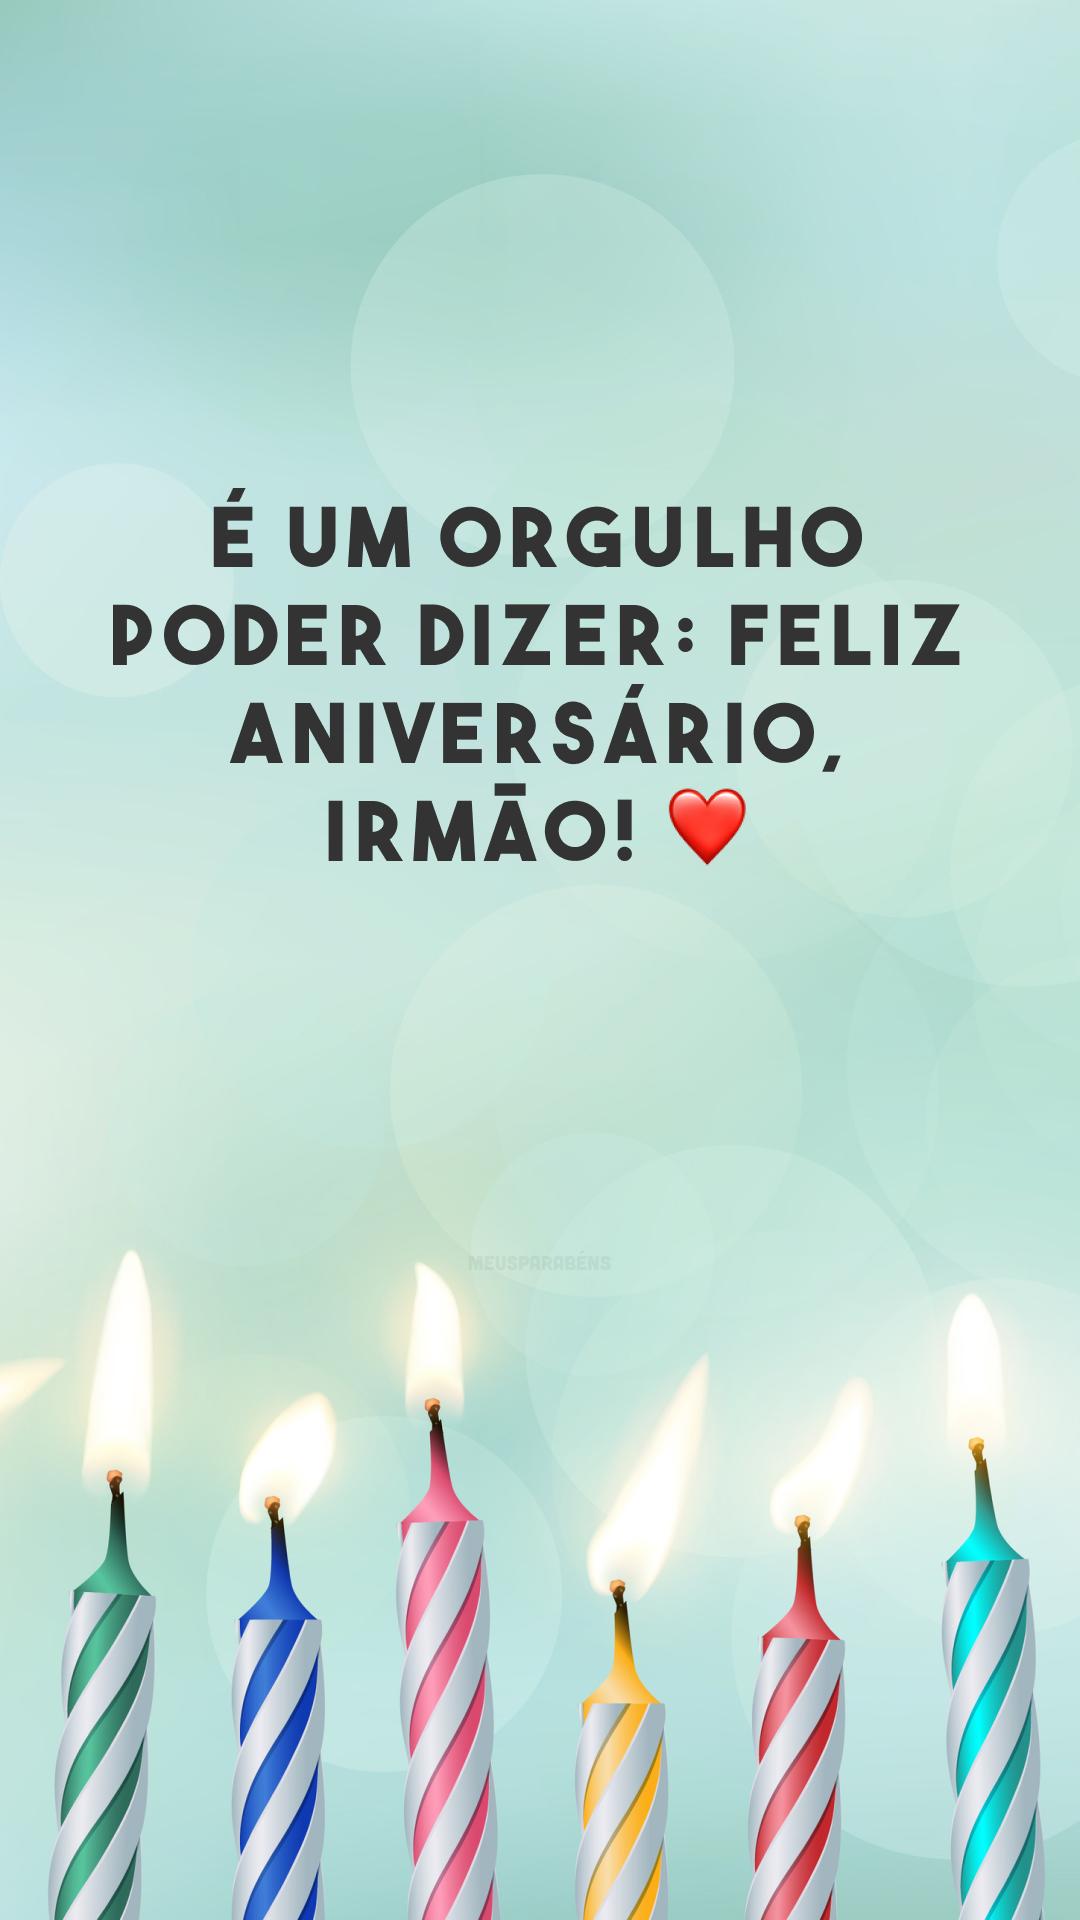 É um orgulho poder dizer: feliz aniversário, IRMÃO! ❤️